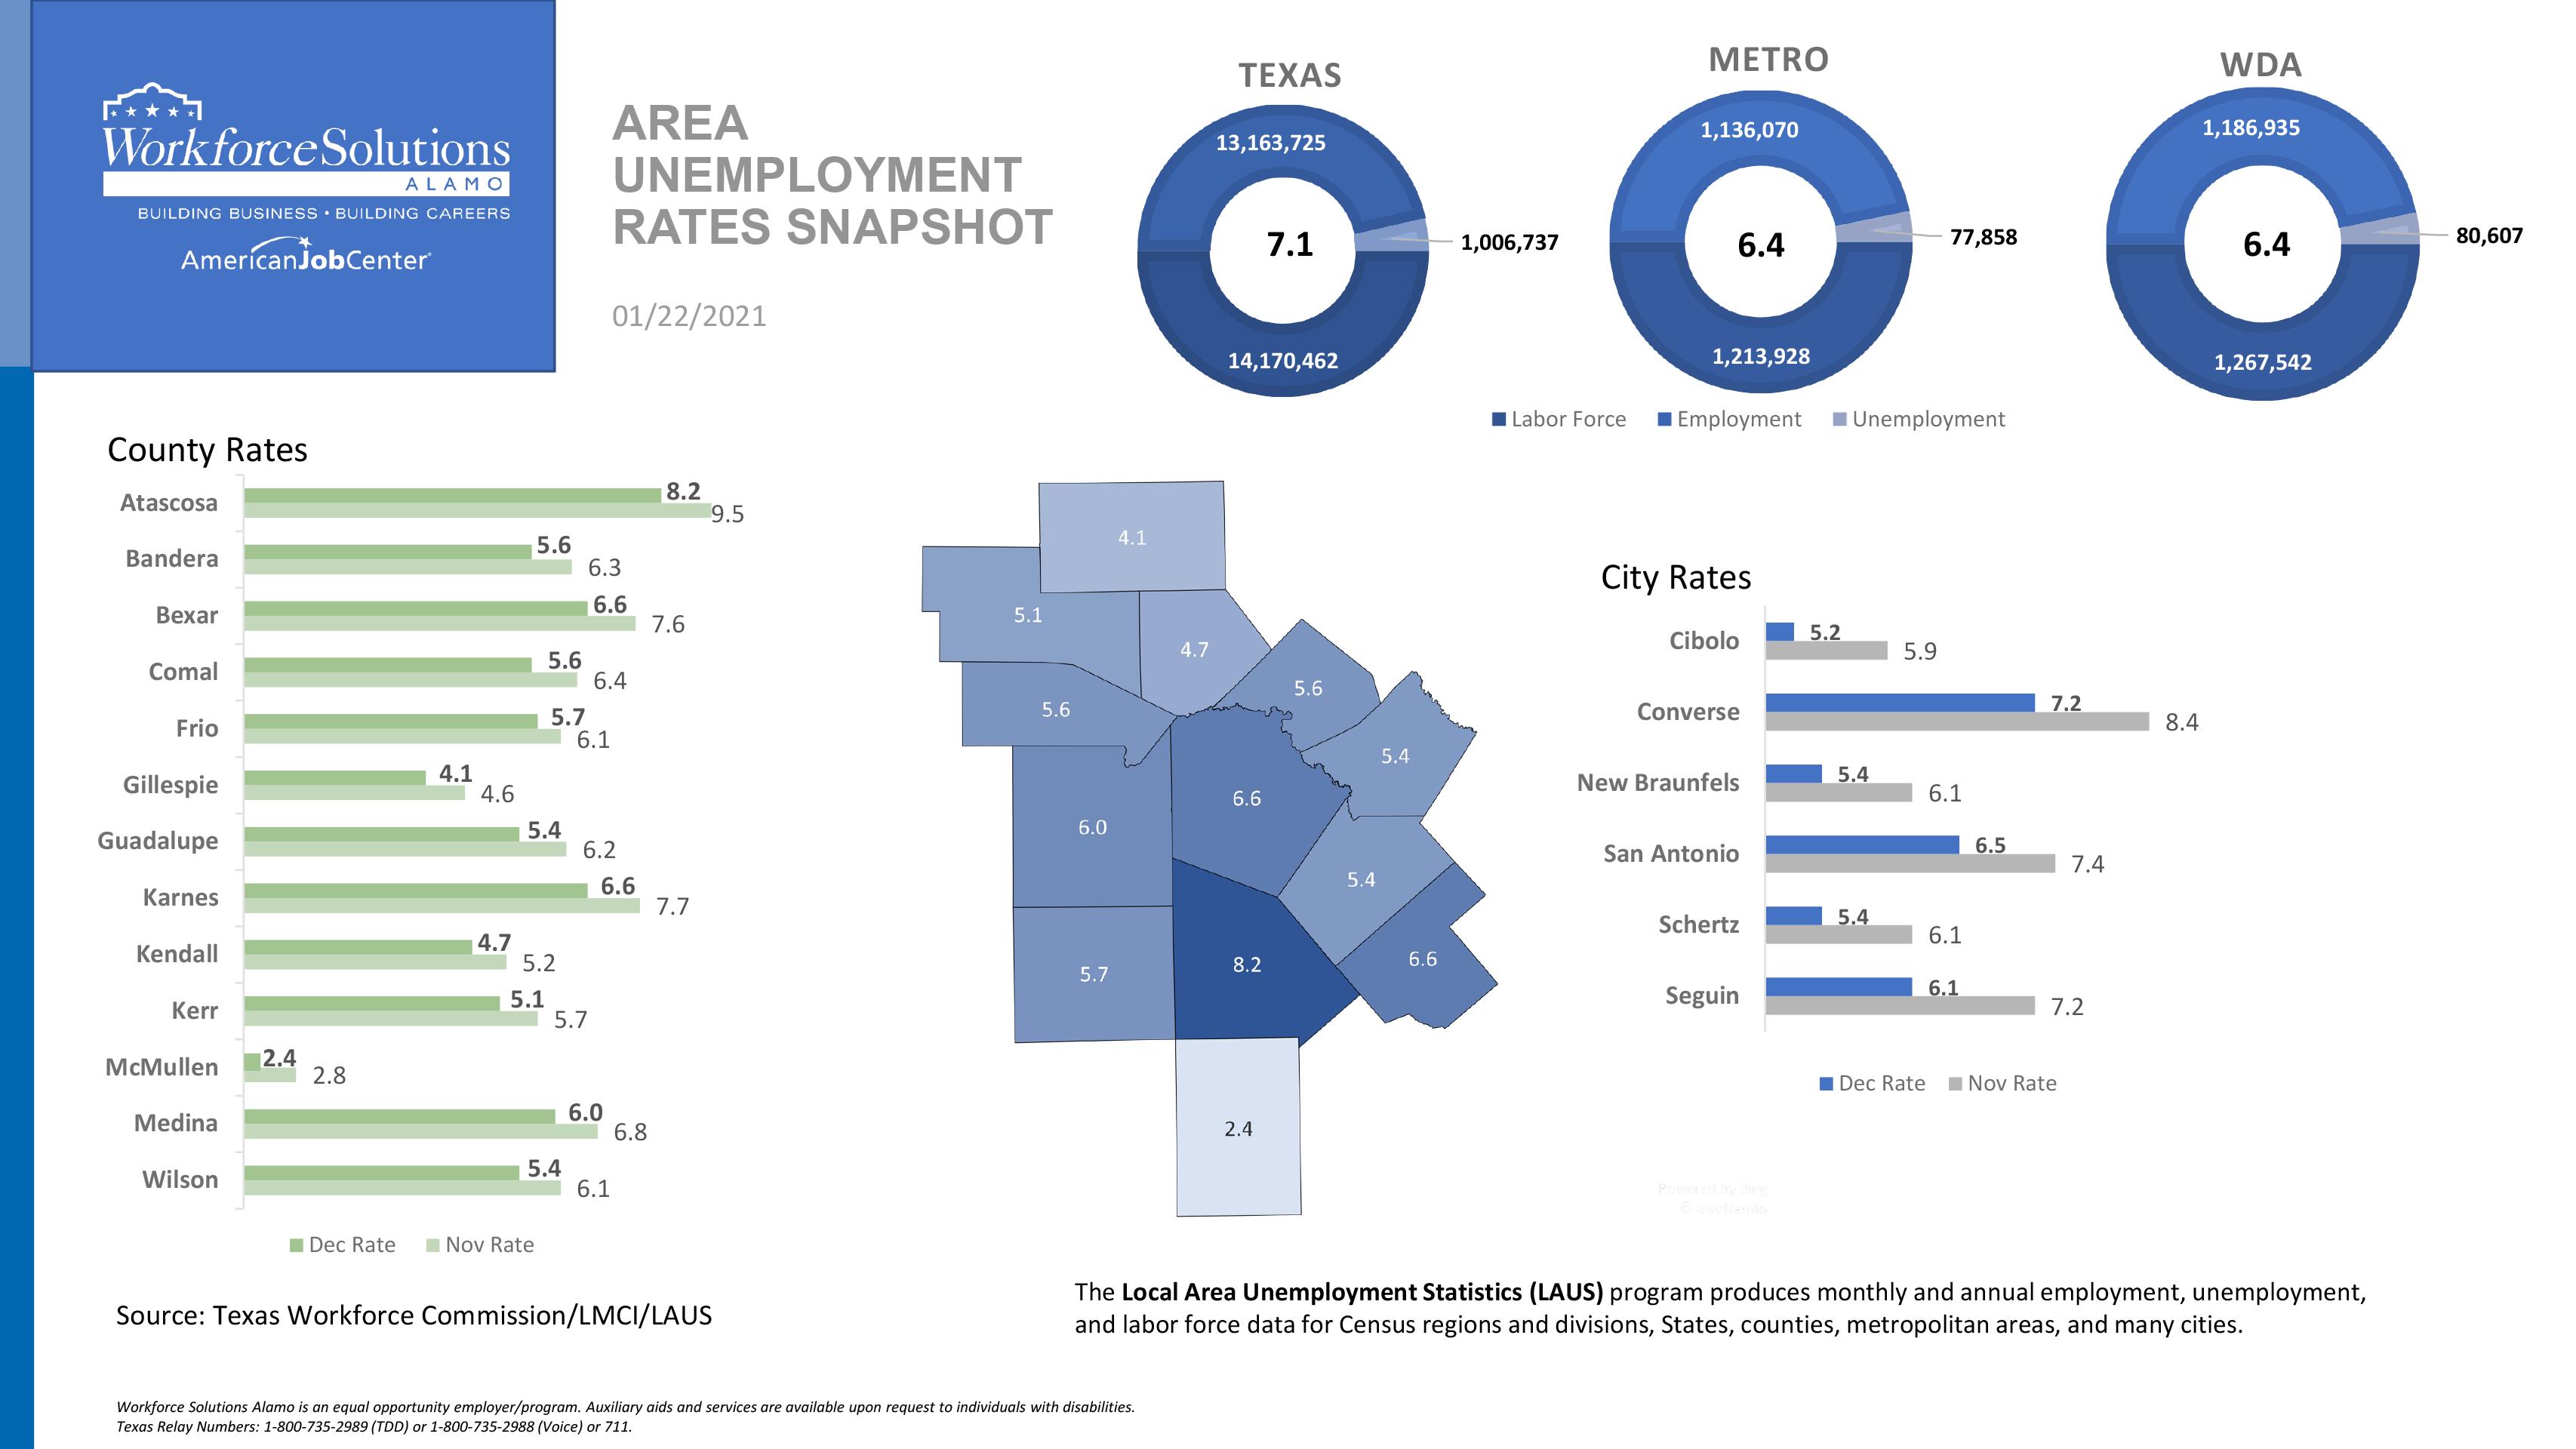 Area Unemployment Snapshot December 2020